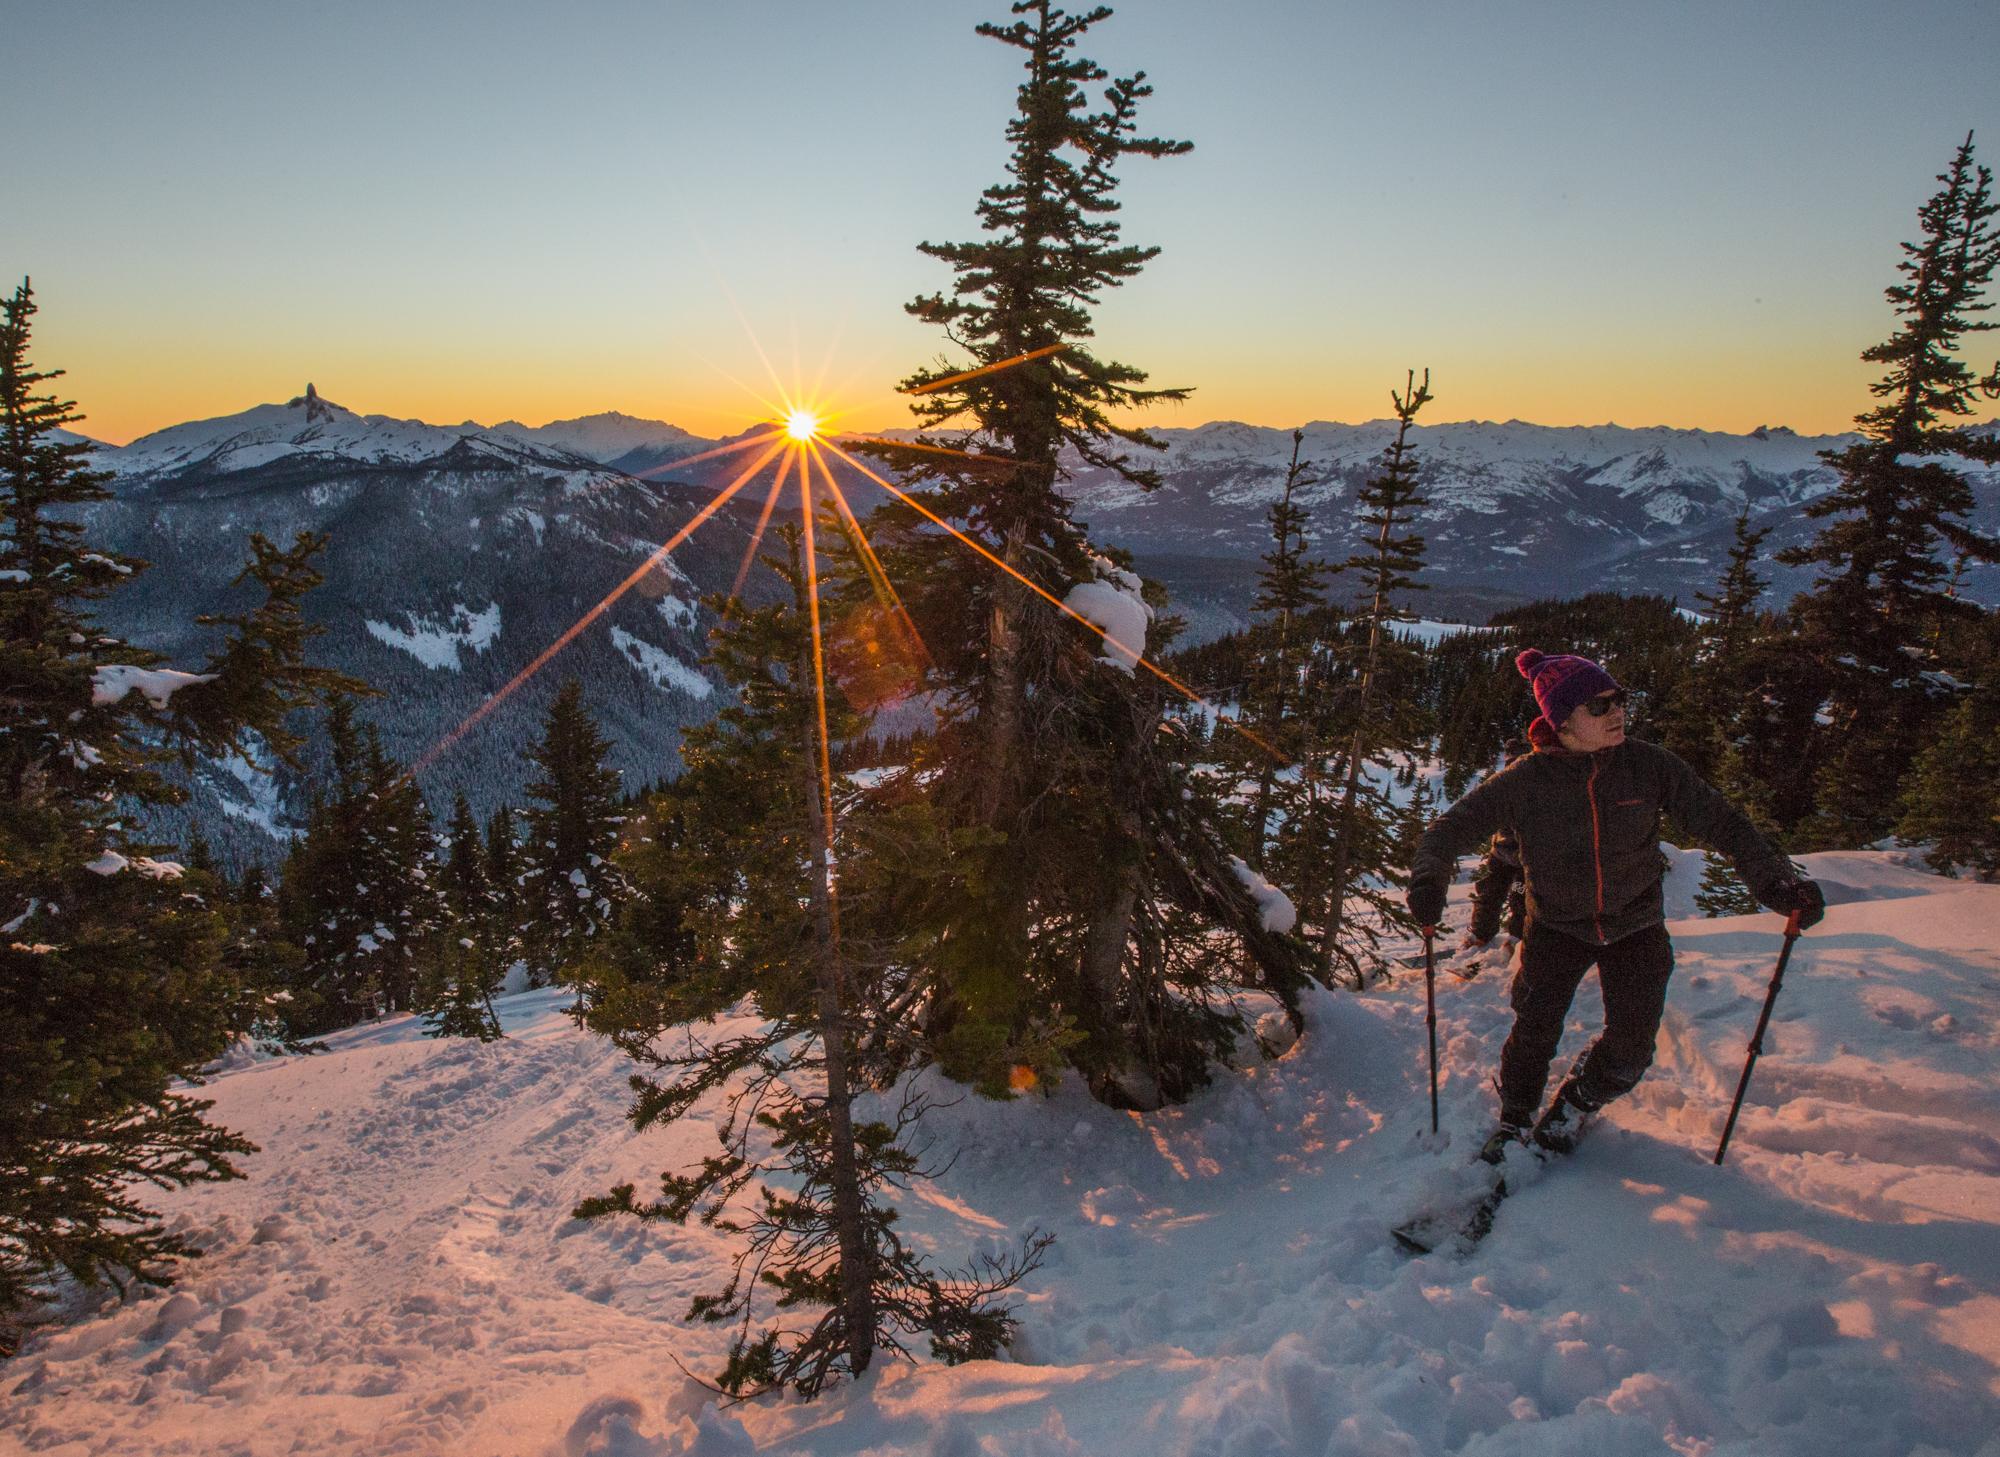 Justen Bruns Whistler Peak Sunset.jpg